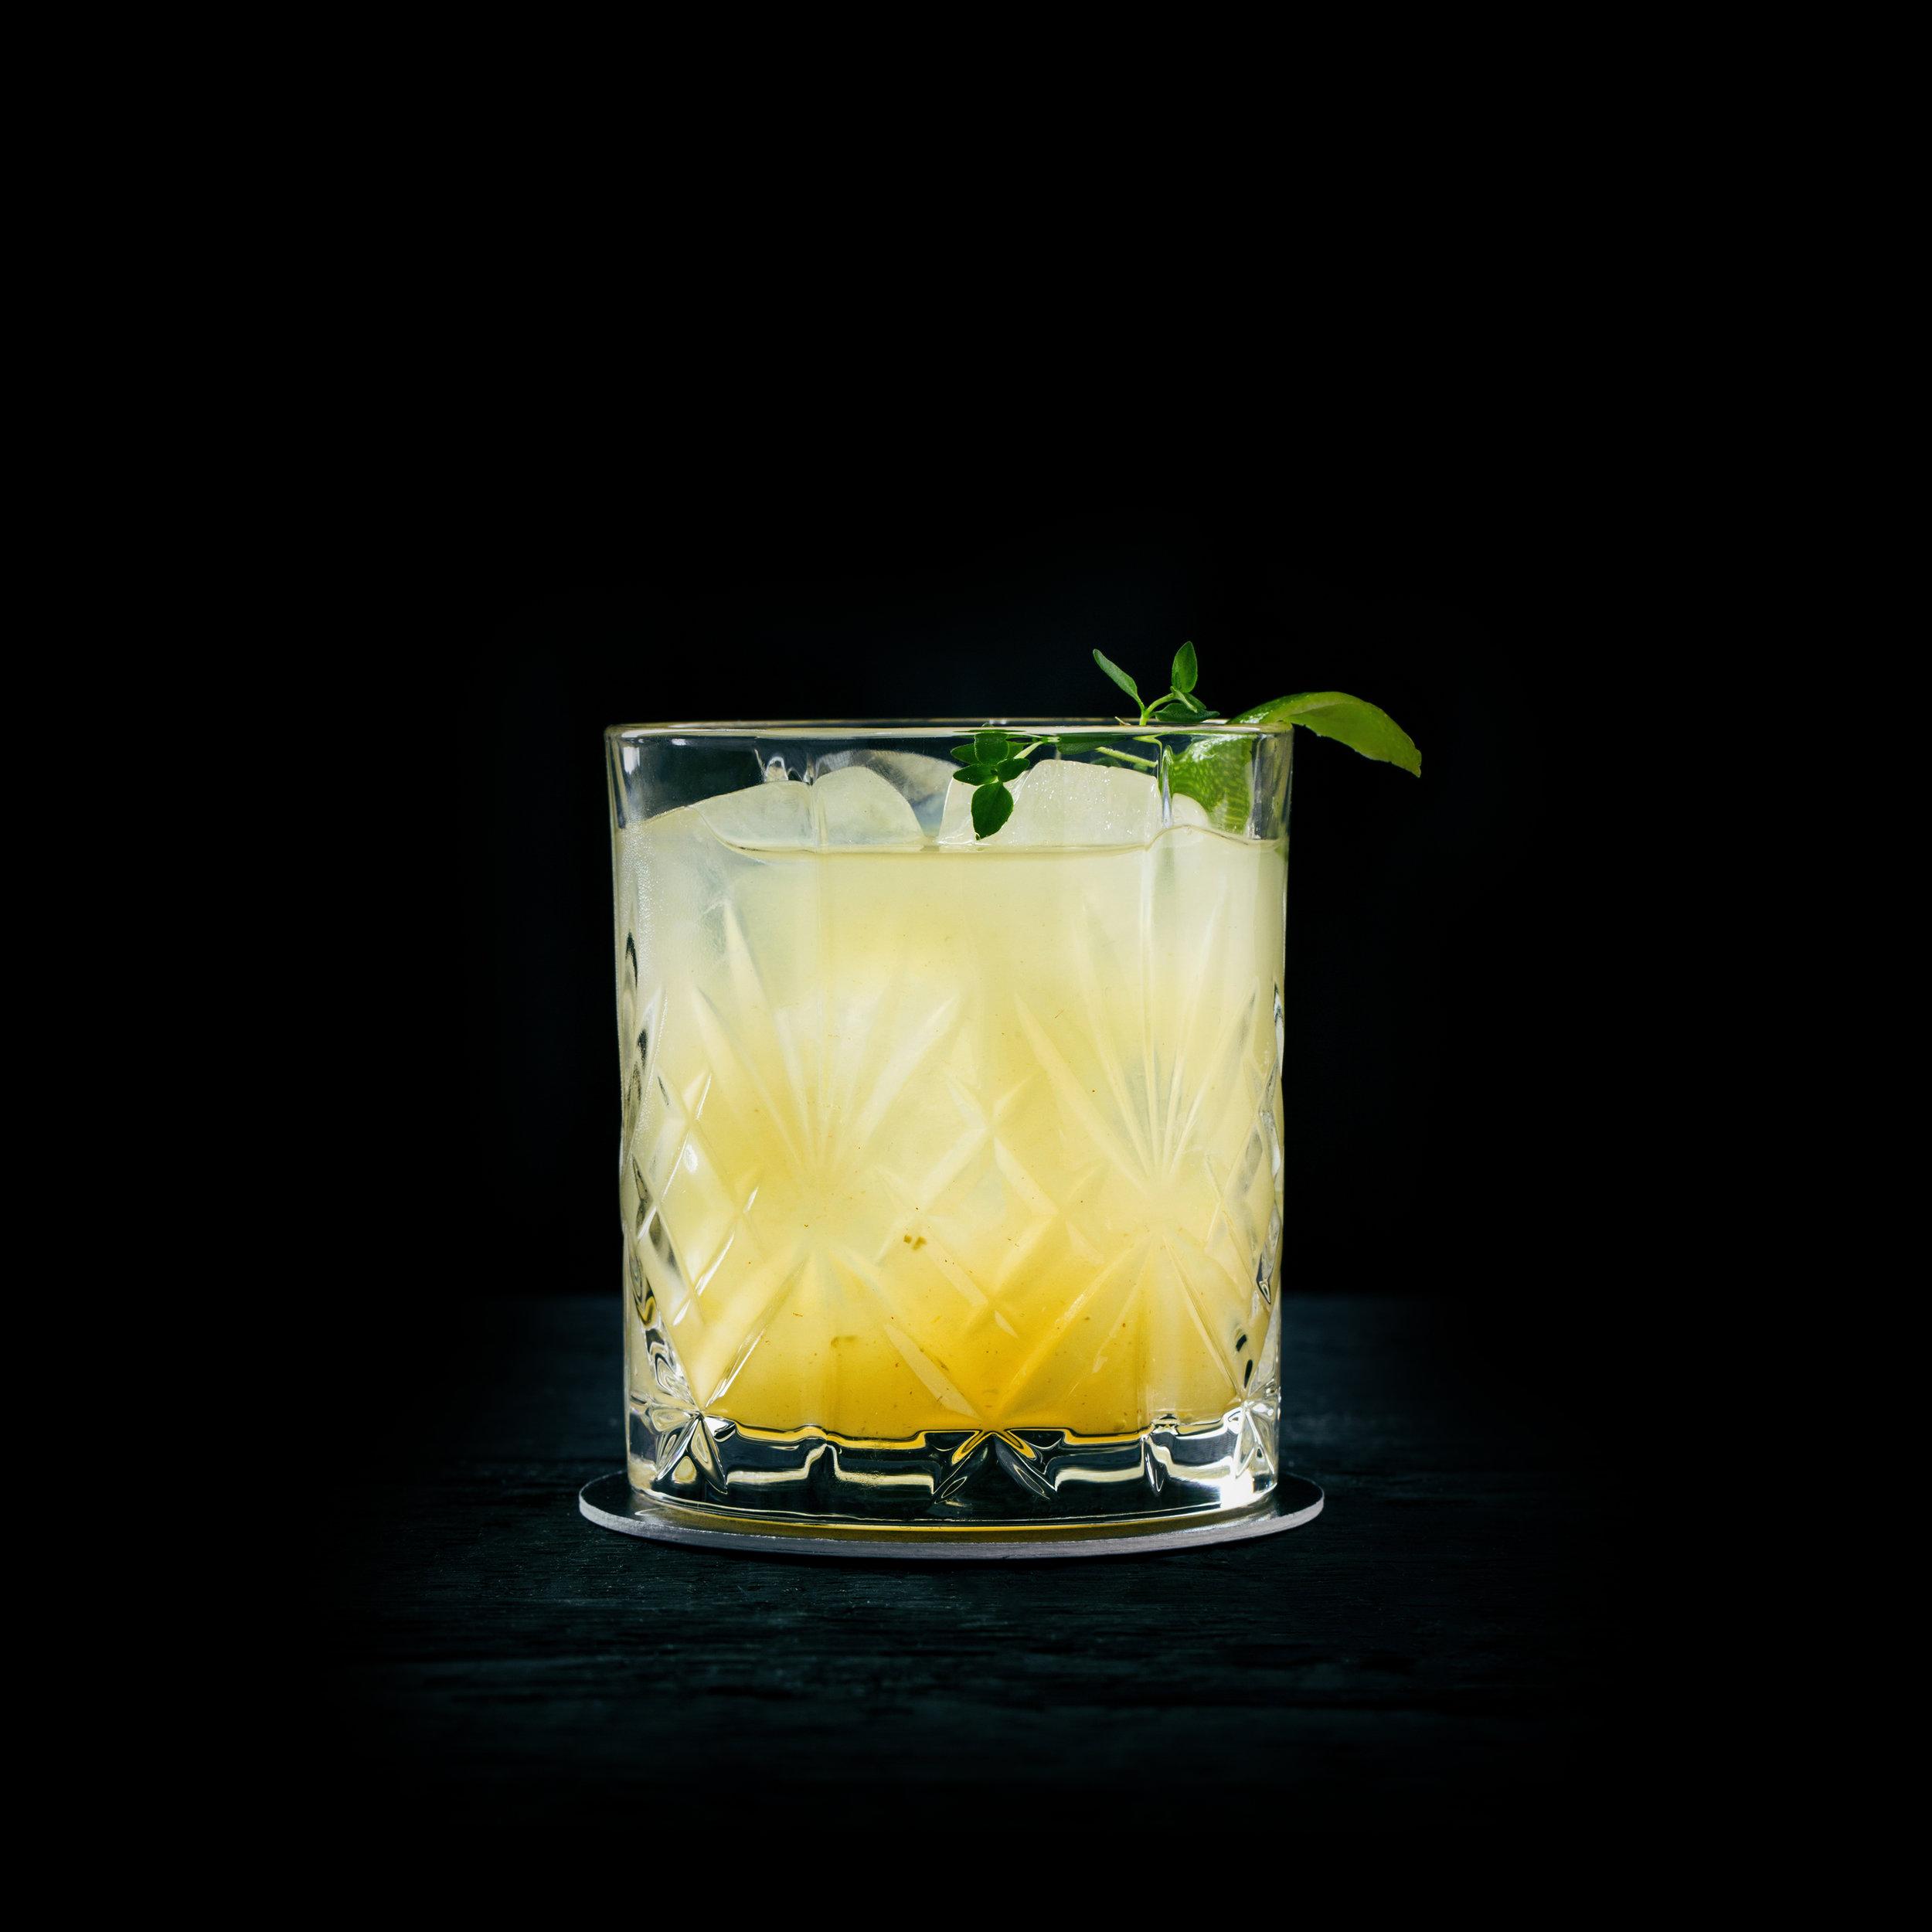 NOW OR NEVER  INGREDIENTS  - 1.5 oz. El Silencio Espadin - 1 oz. Fresh Lime Juice - 2 oz Orange Juice - Fresh Jalapeño - Fresh Cilantro  METHOD  Muddle Jalapeño and cilantro Shake with Ice & Strain Garnish: Cilantro Sprig